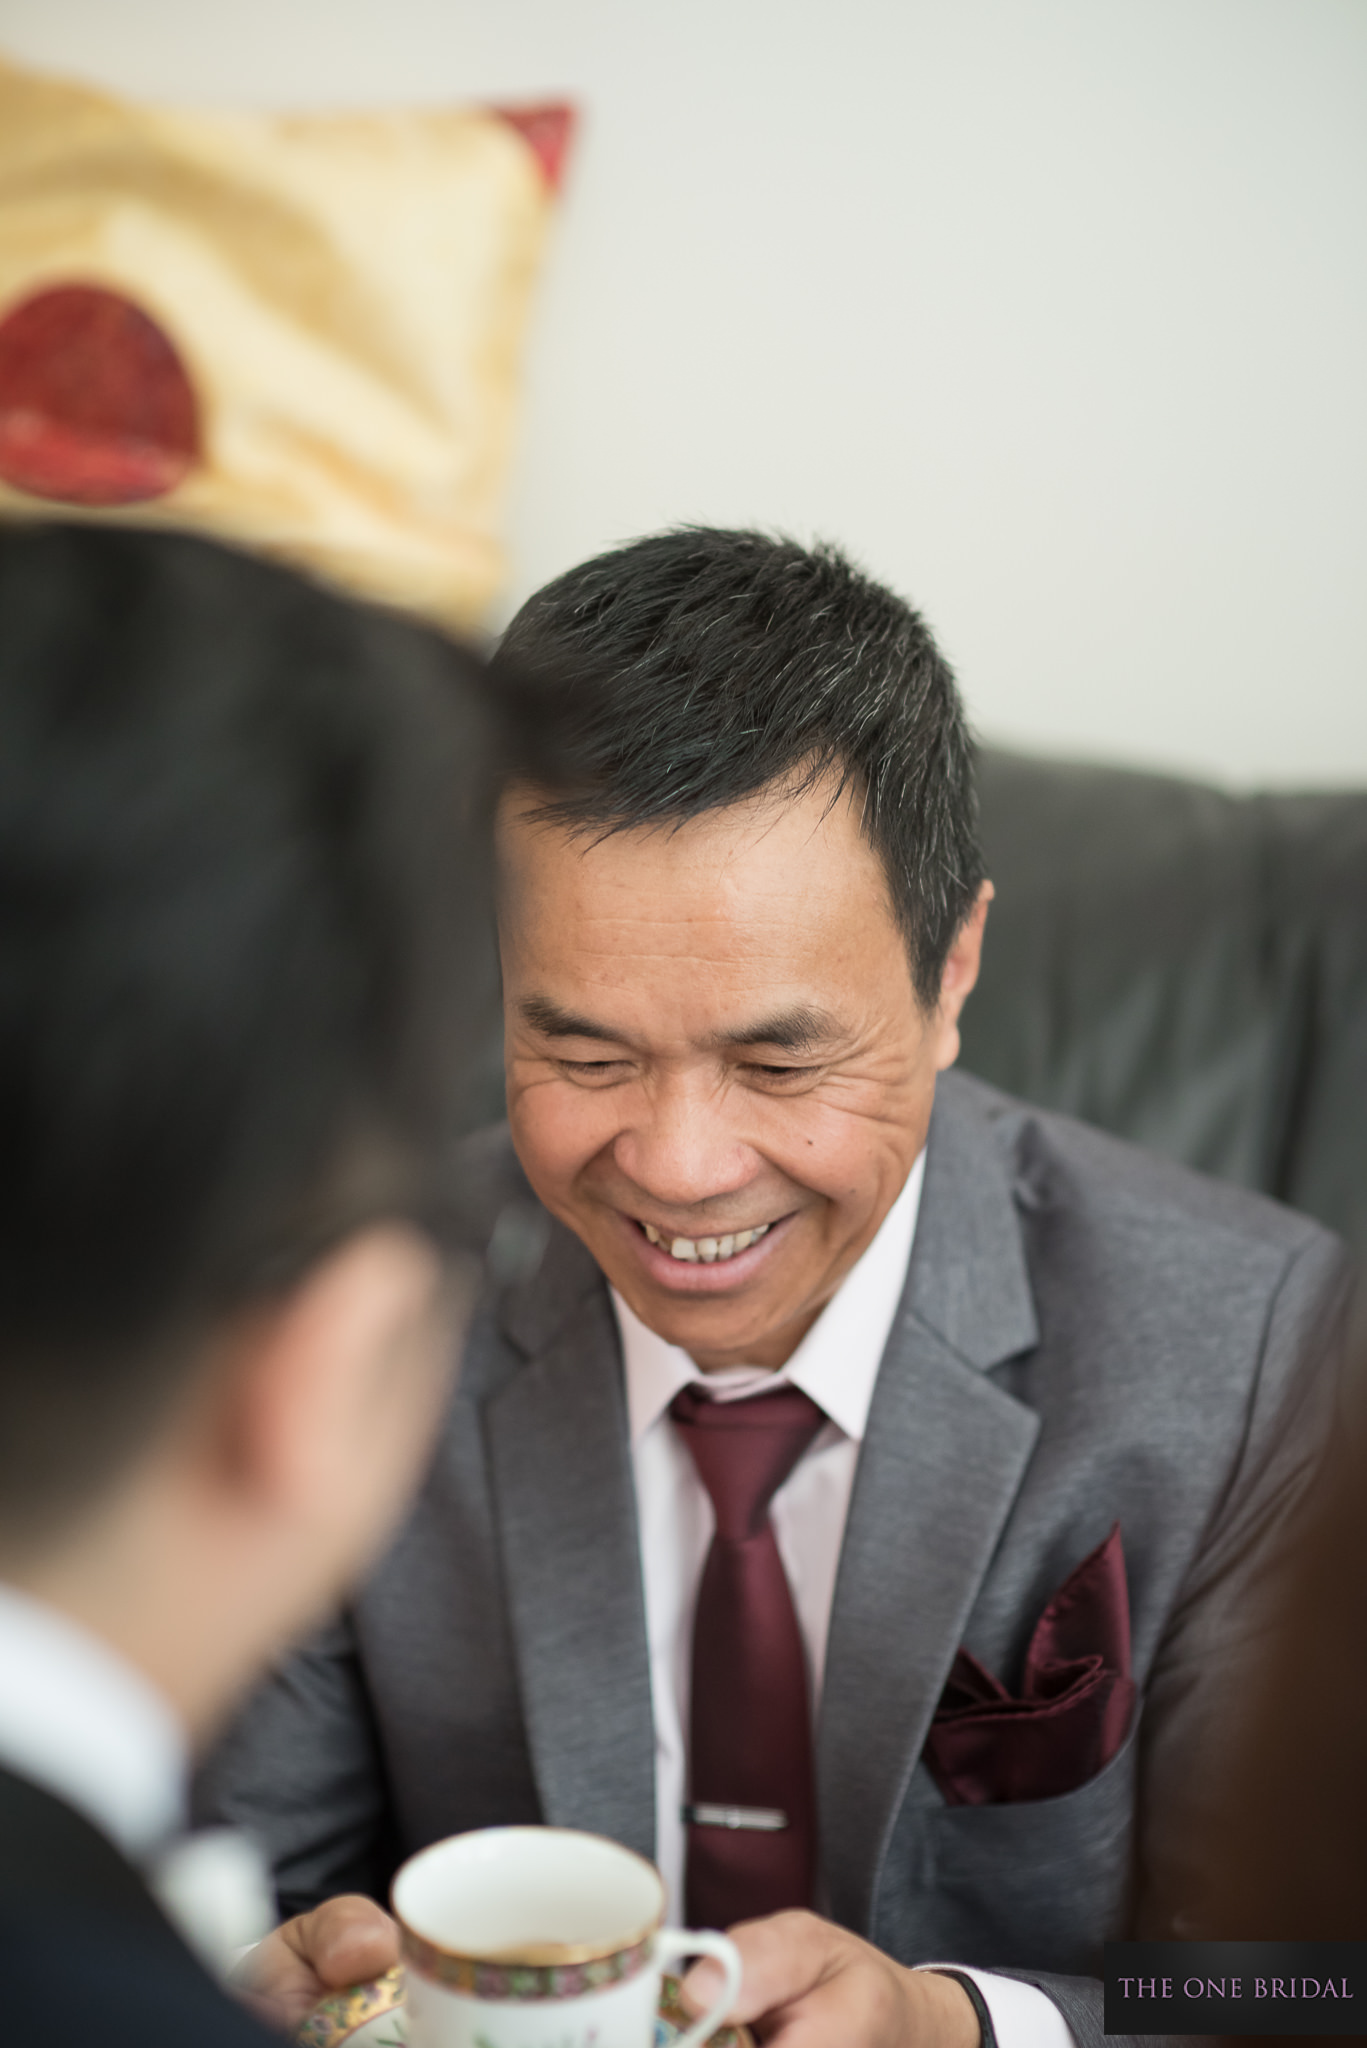 mandarin-golf-club-wedding-markham-the-one-bridal-074